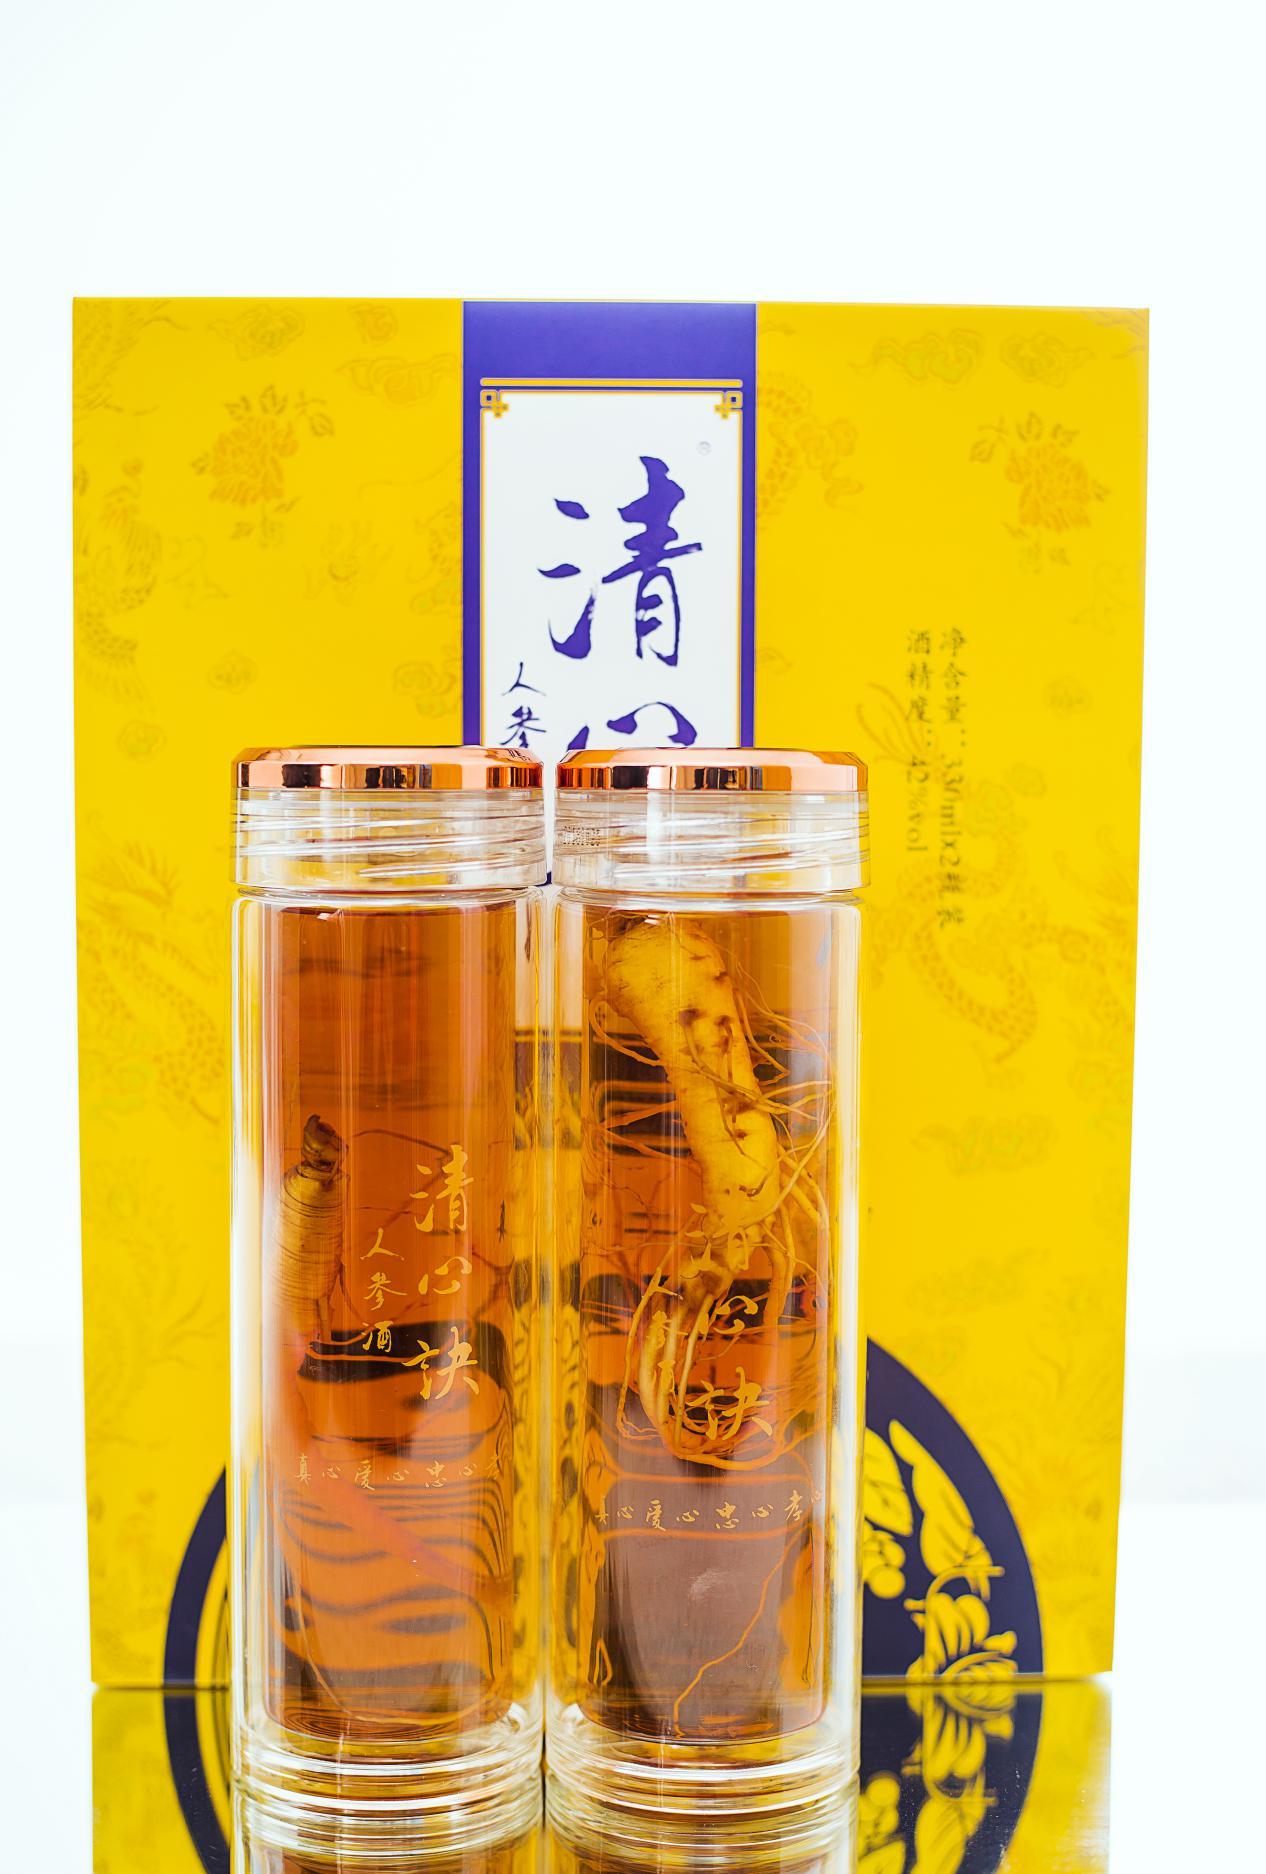 传统,白酒,市场,文化,消费 好品质+新营销,清心决人参酒必将引爆养生礼品酒市场! 中国酒业第一论坛 白酒招商